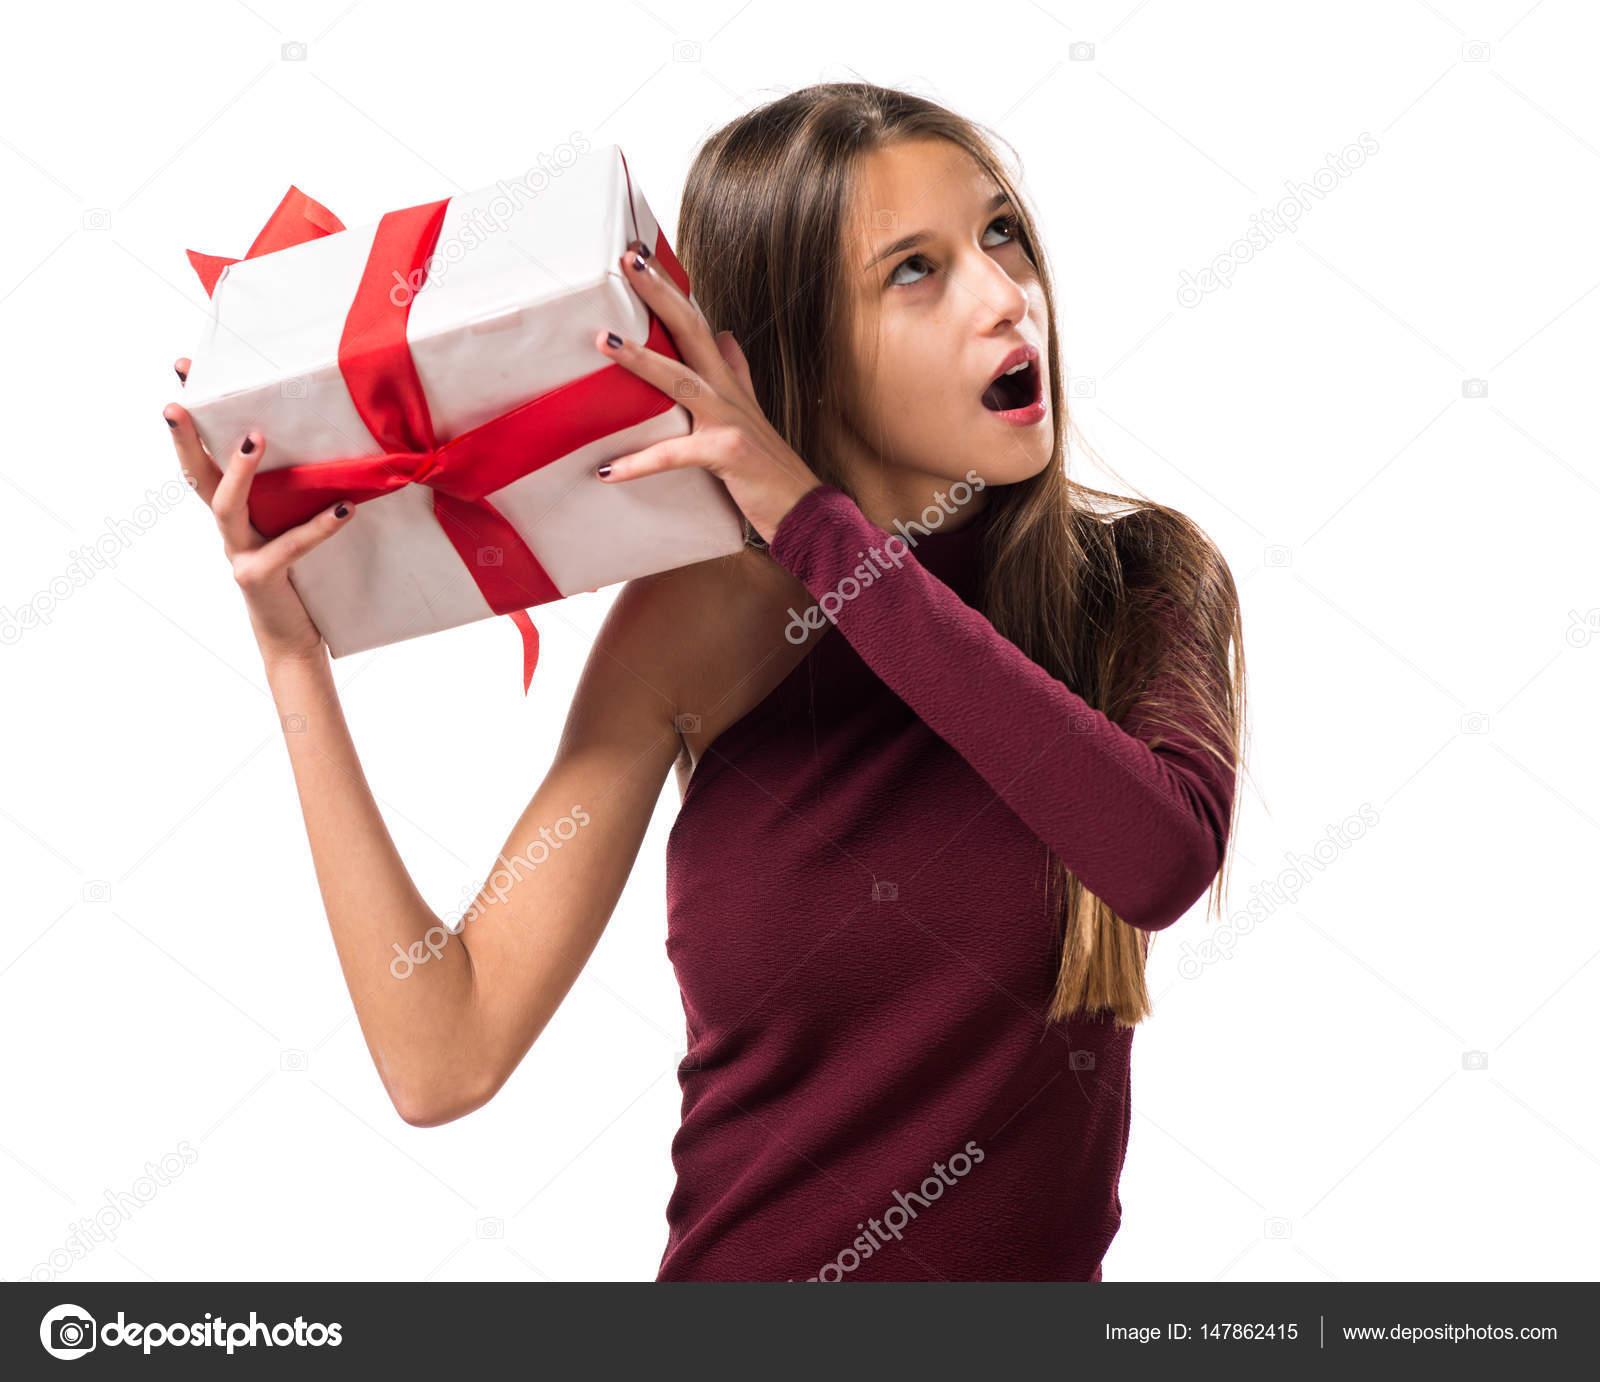 Junge Teenager-Mädchen hält ein Geschenk — Stockfoto © luismolinero ...